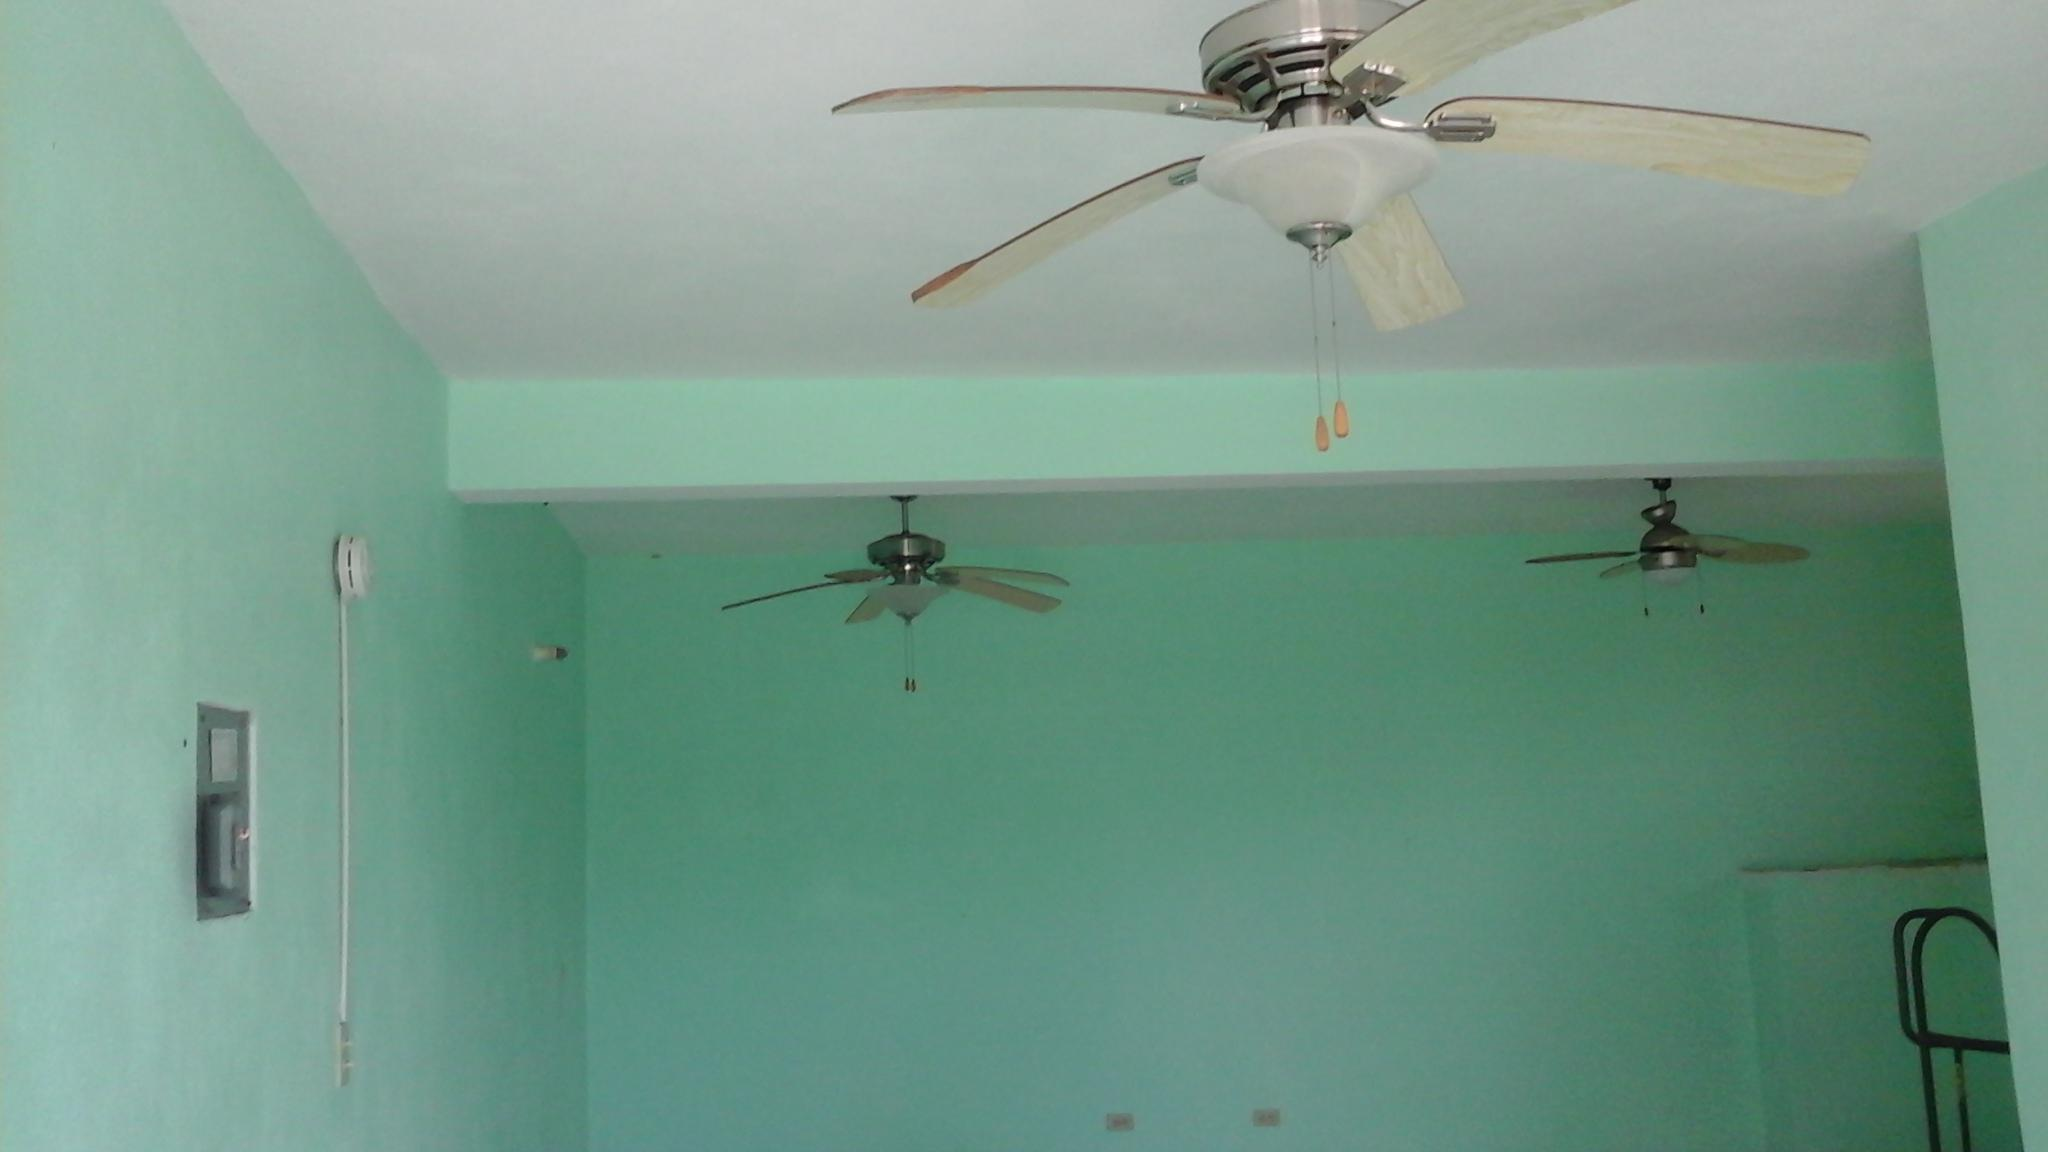 Apt 2 ceiling